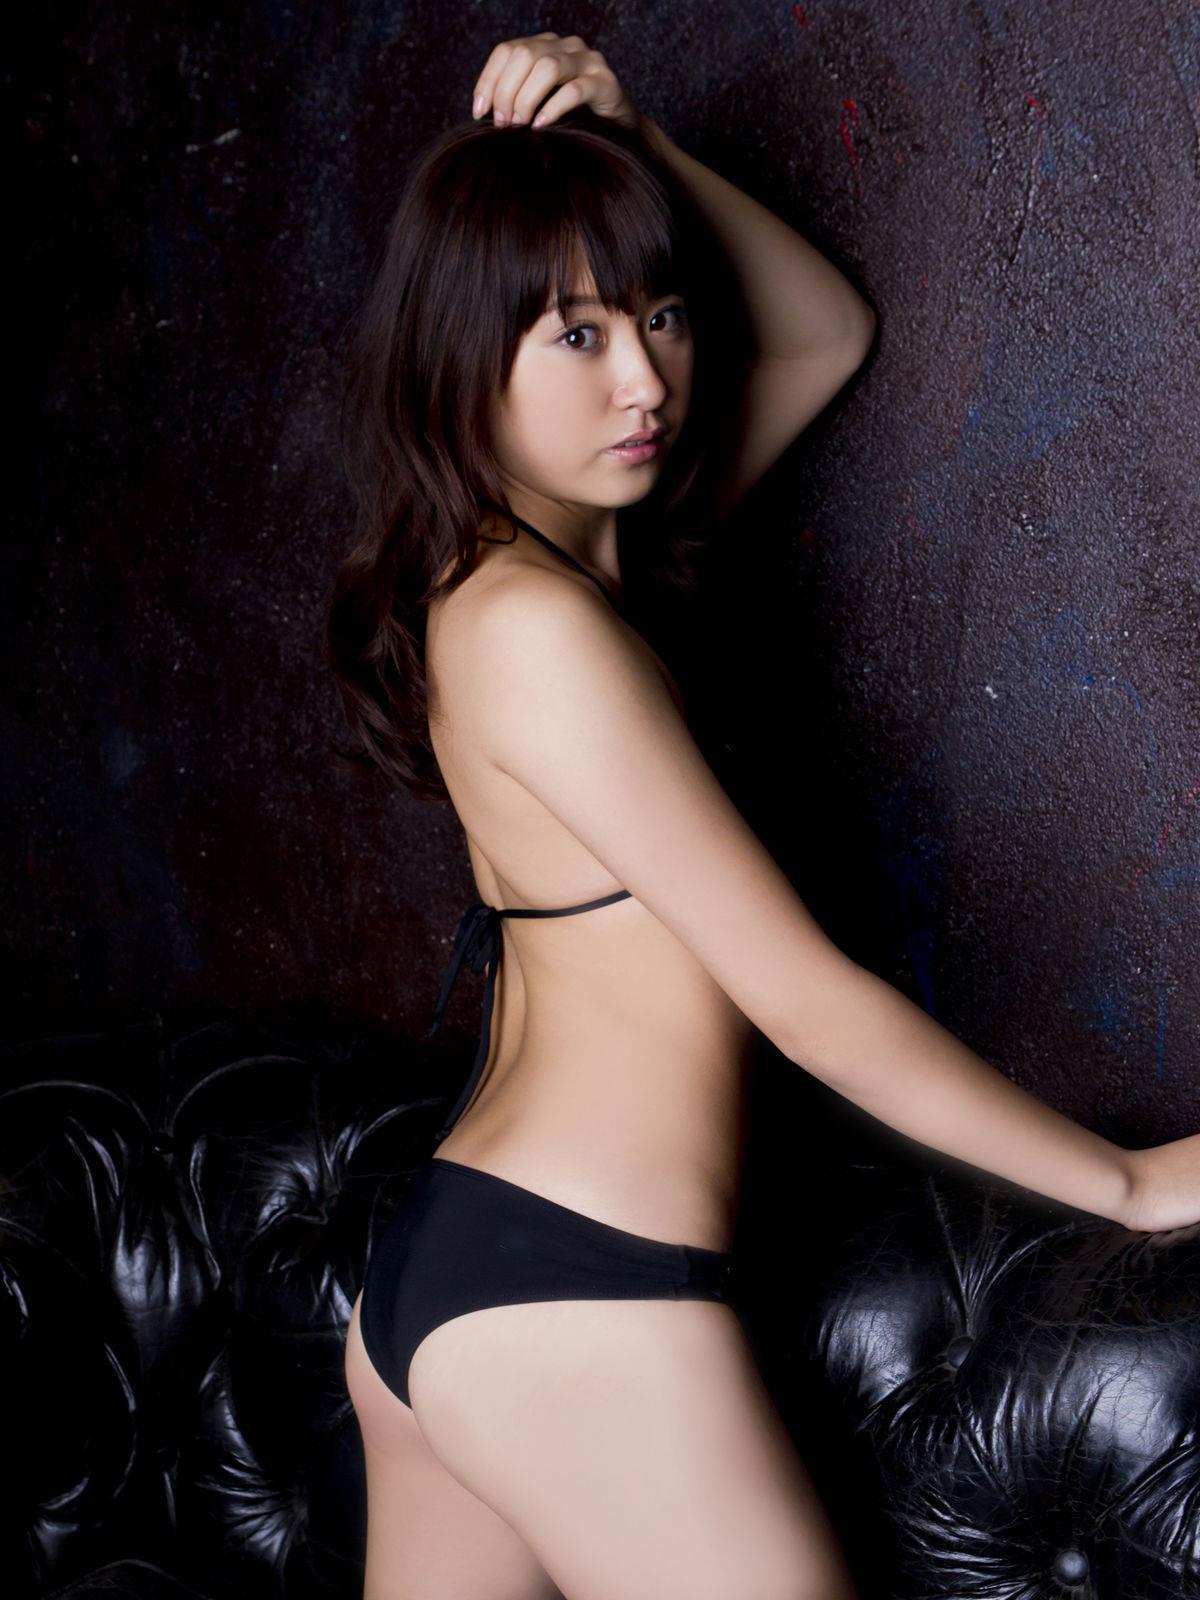 衛藤美彩 過激水着のグラビア画像 18